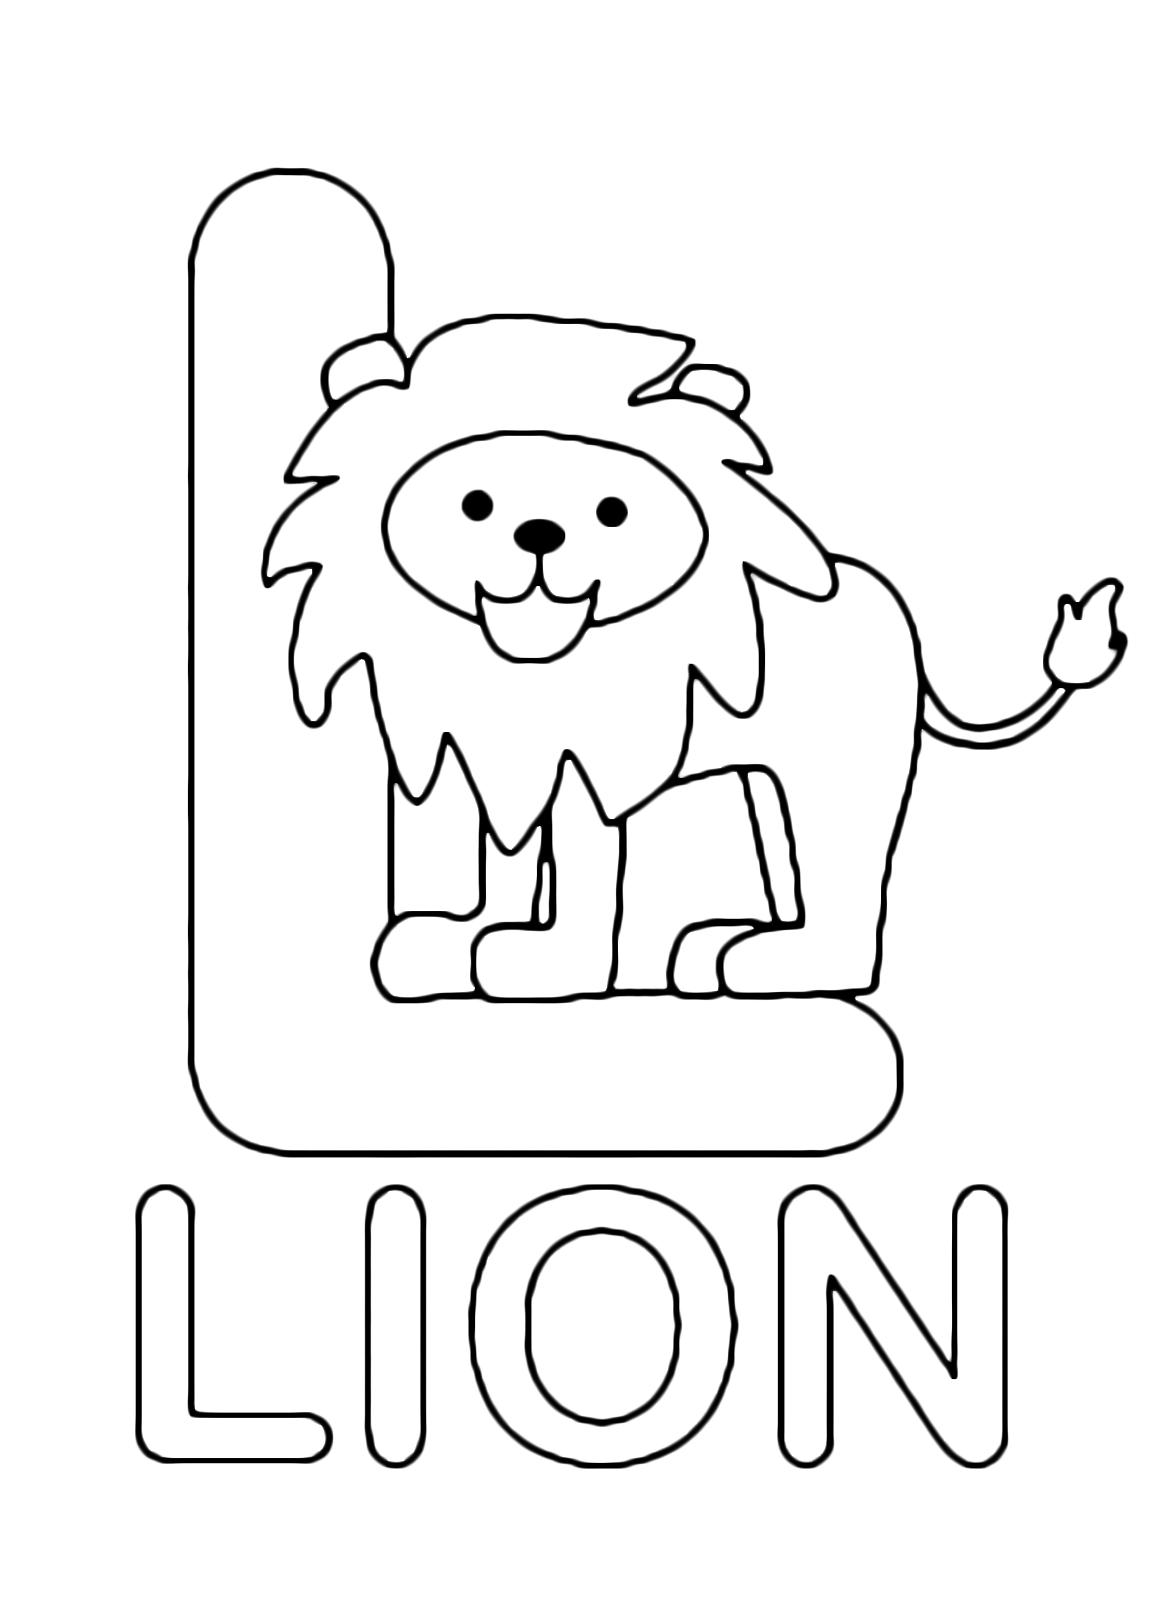 Lettere e numeri lettera l in stampatello di lion leone for L allegro stampatello